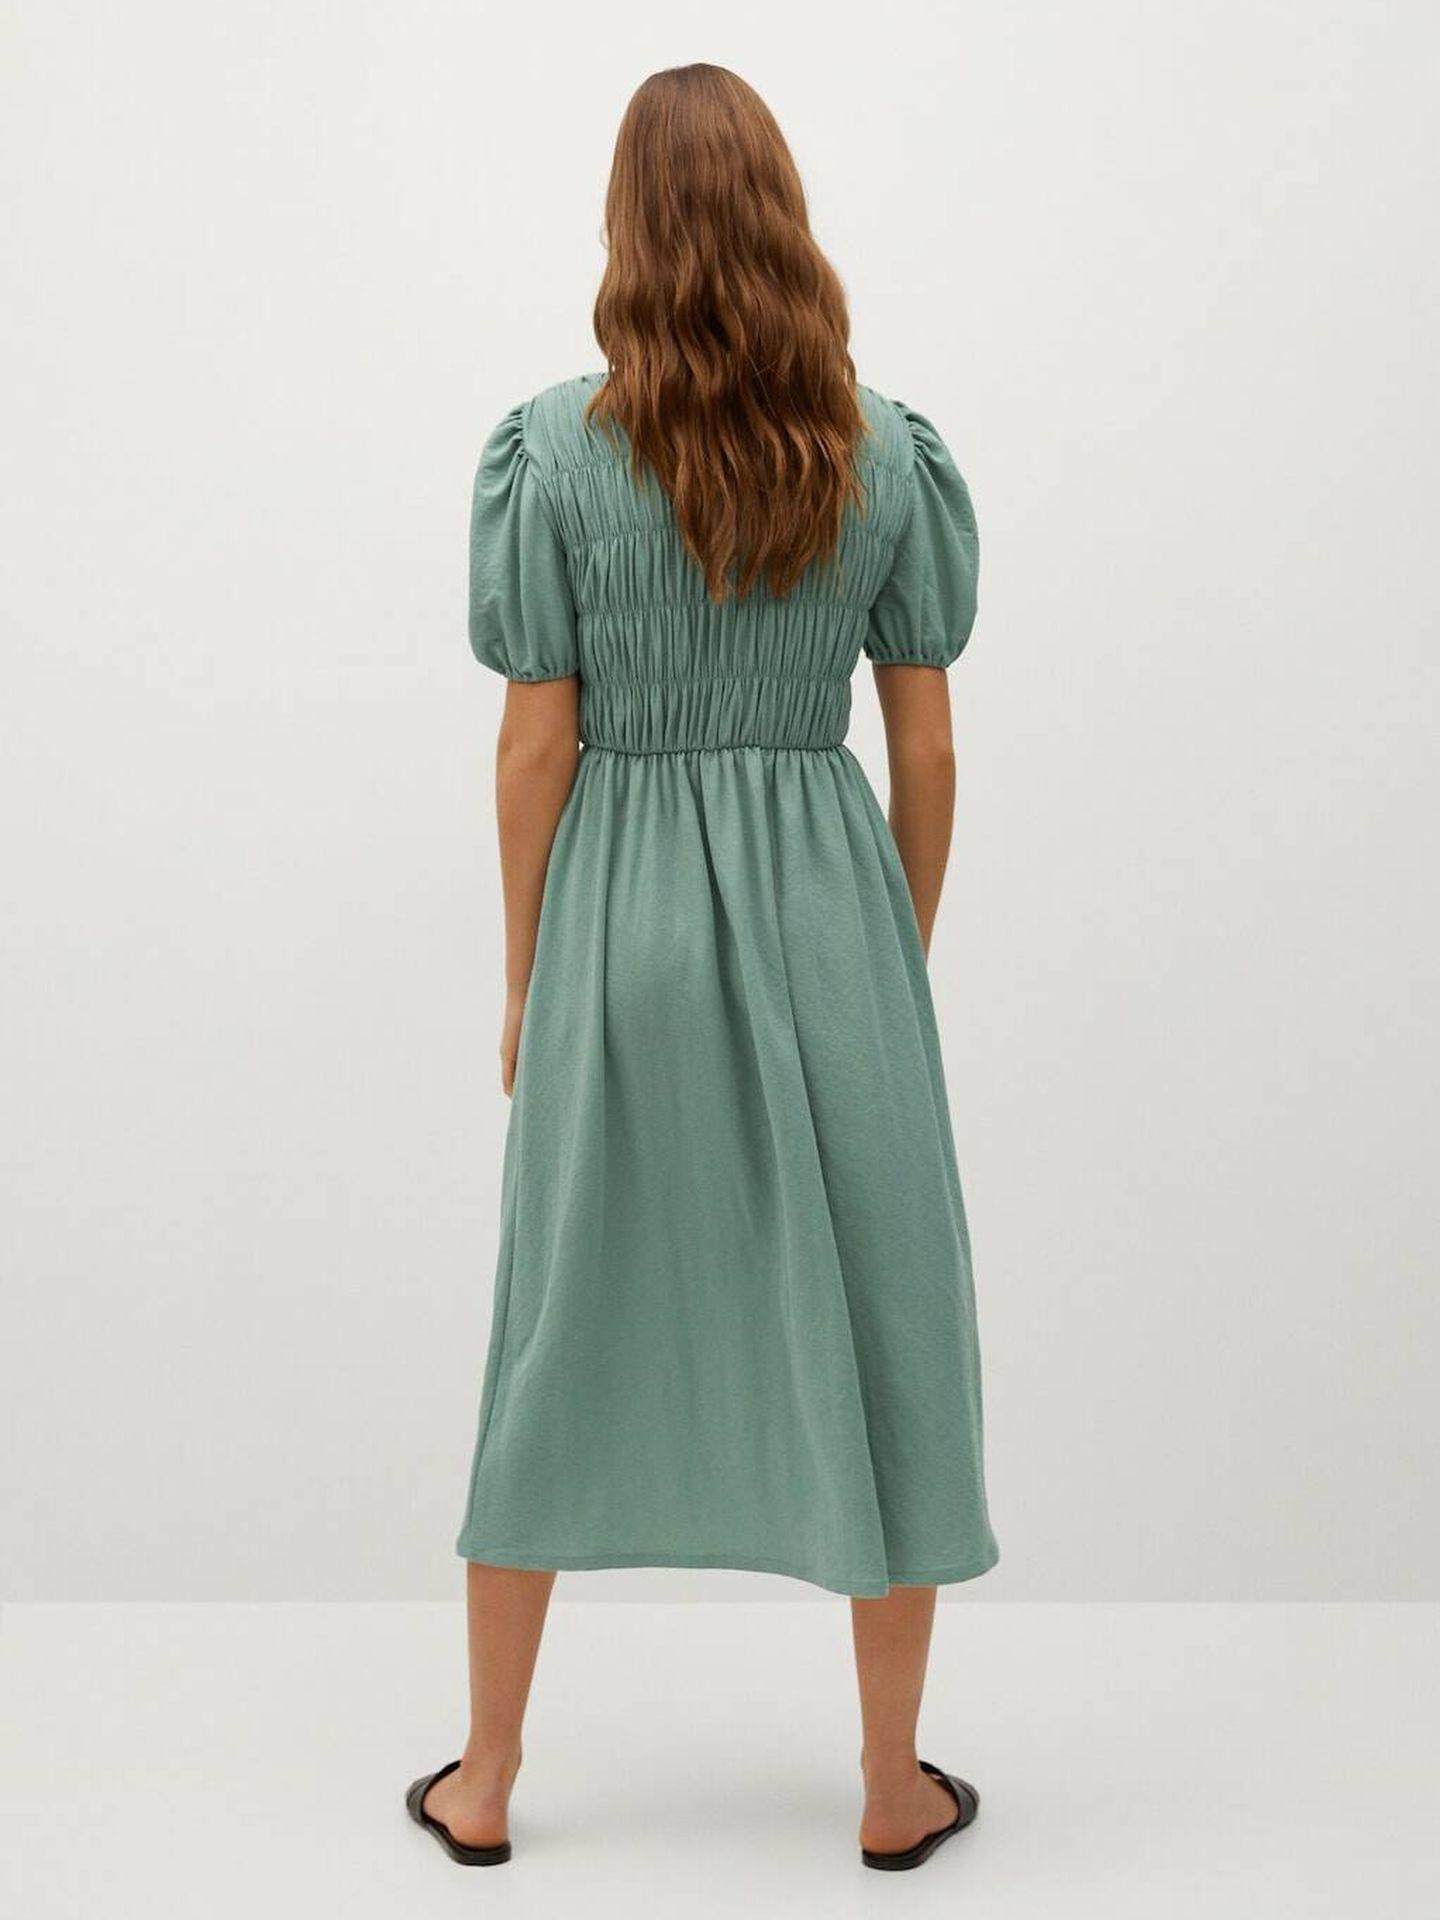 El vestido de las rebajas de Mango. (Cortesía)